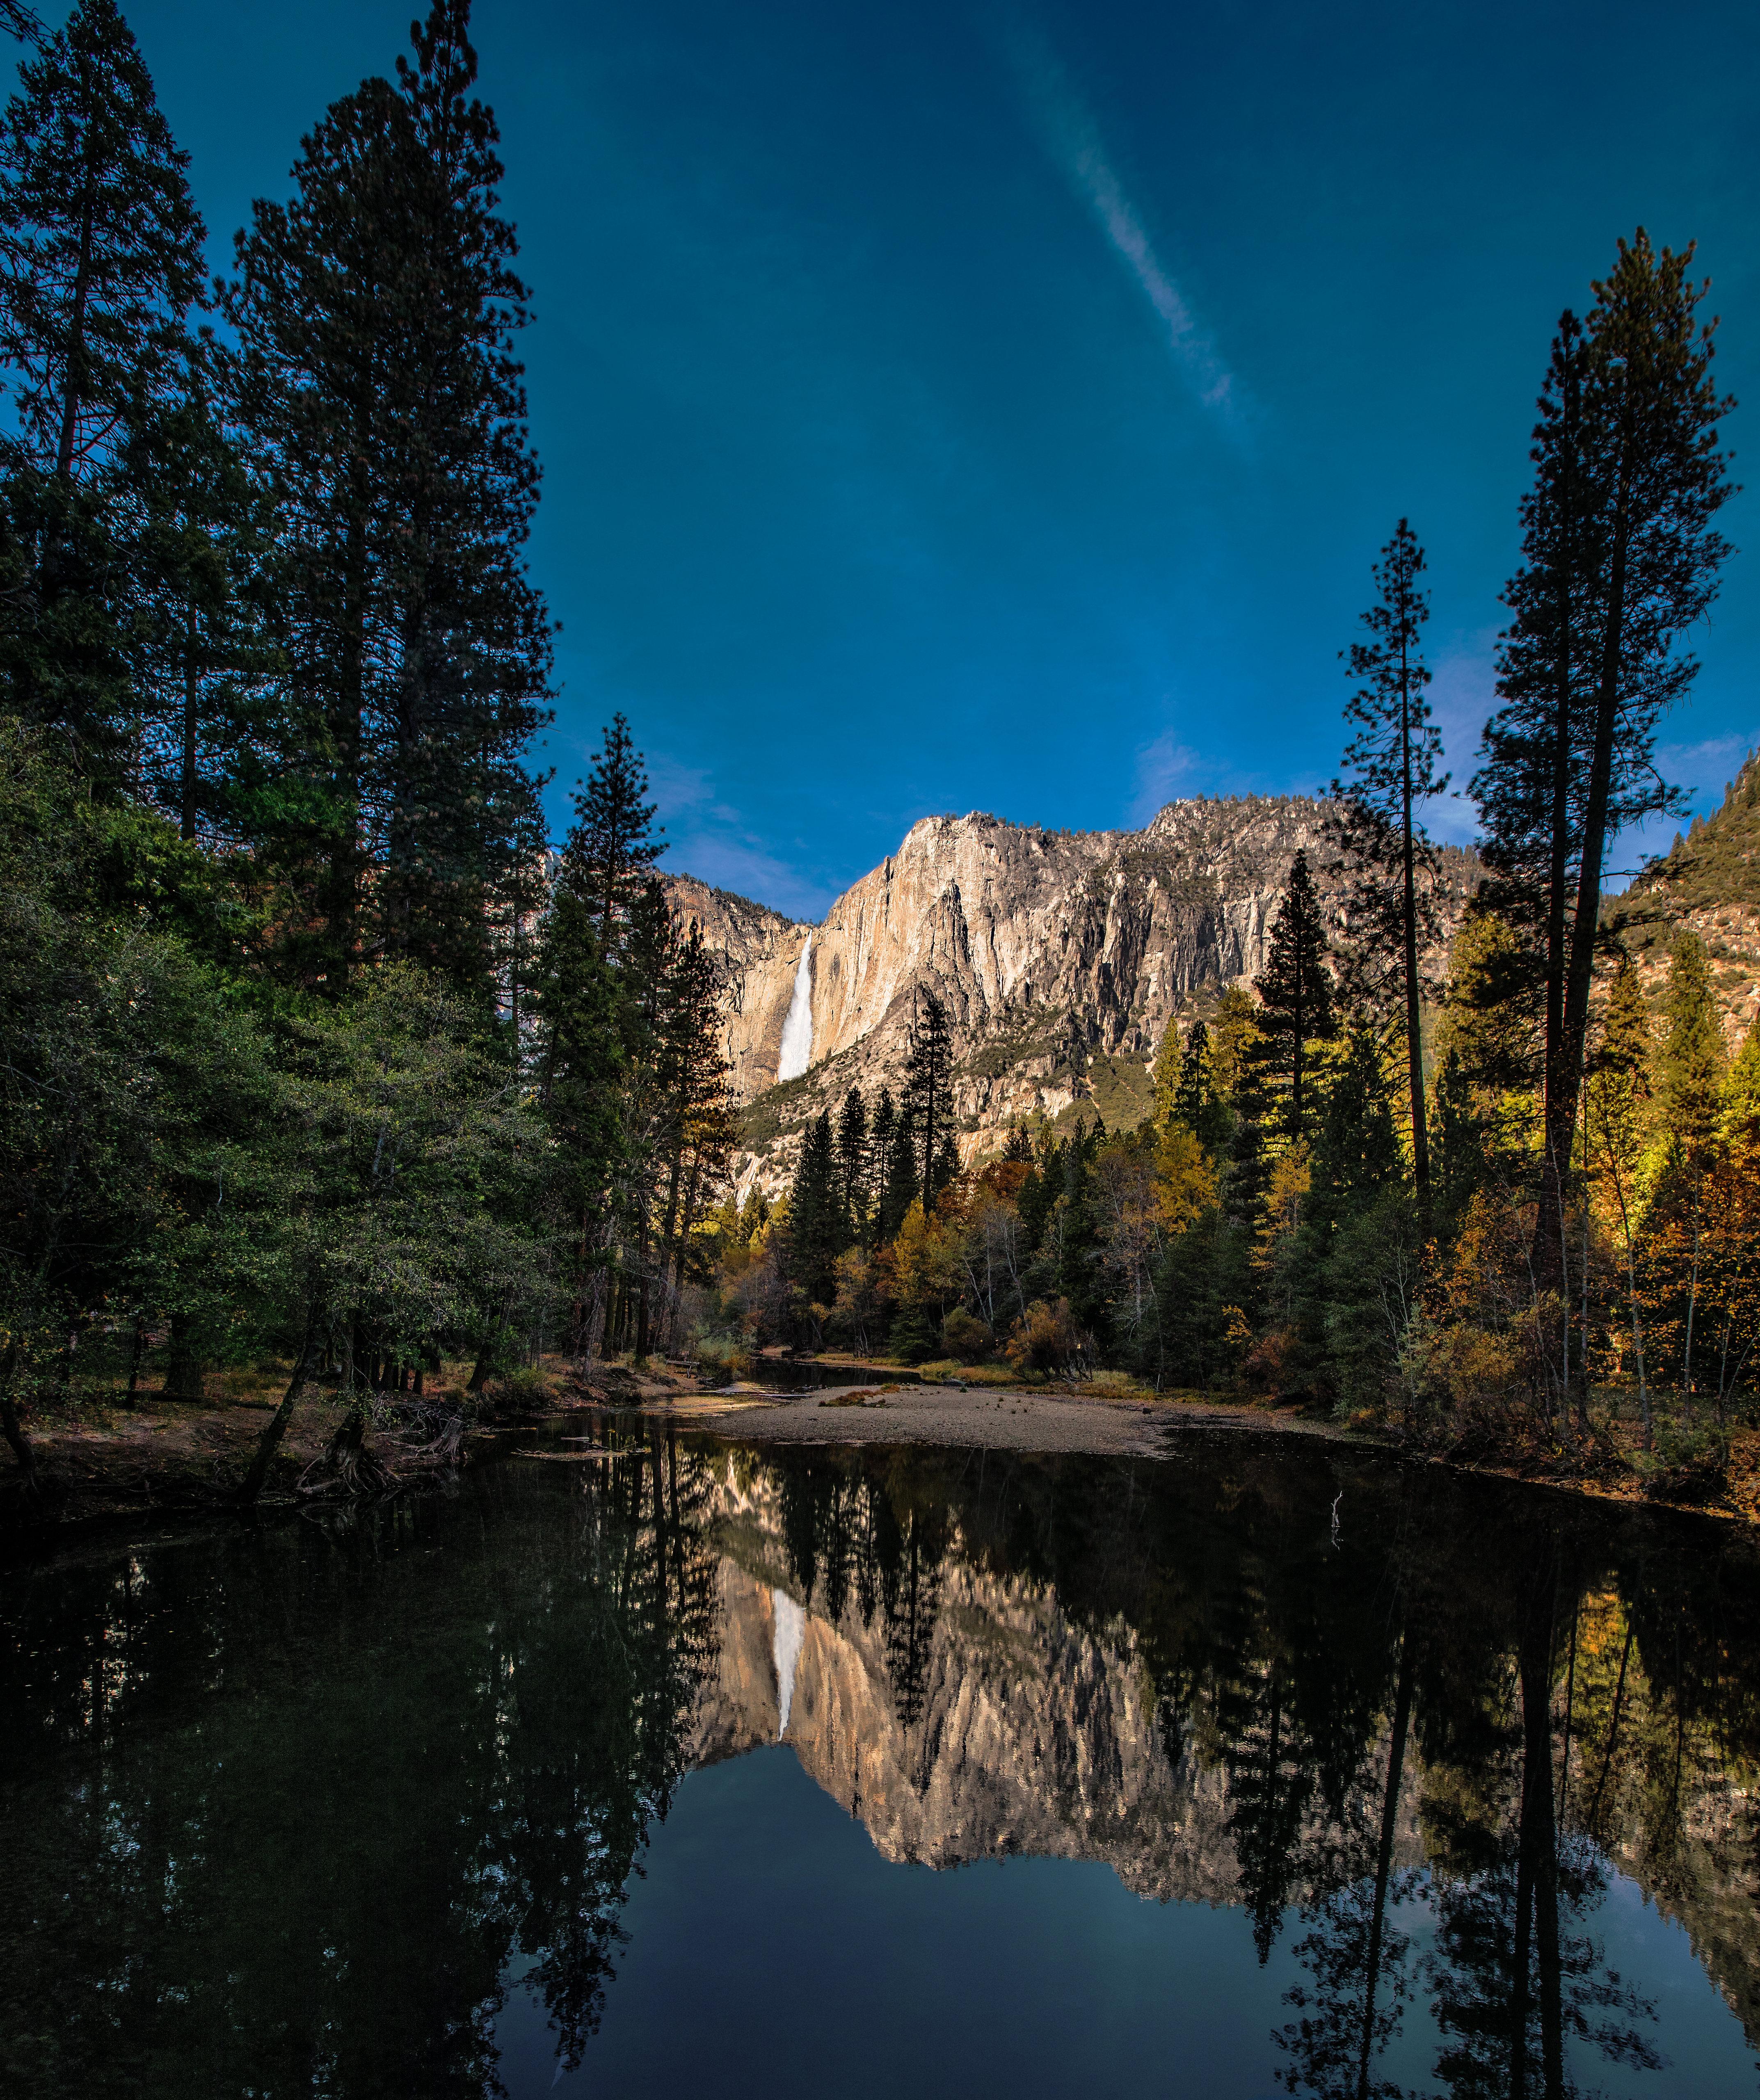 92850 скачать обои Природа, Скалы, Озеро, Пейзаж - заставки и картинки бесплатно